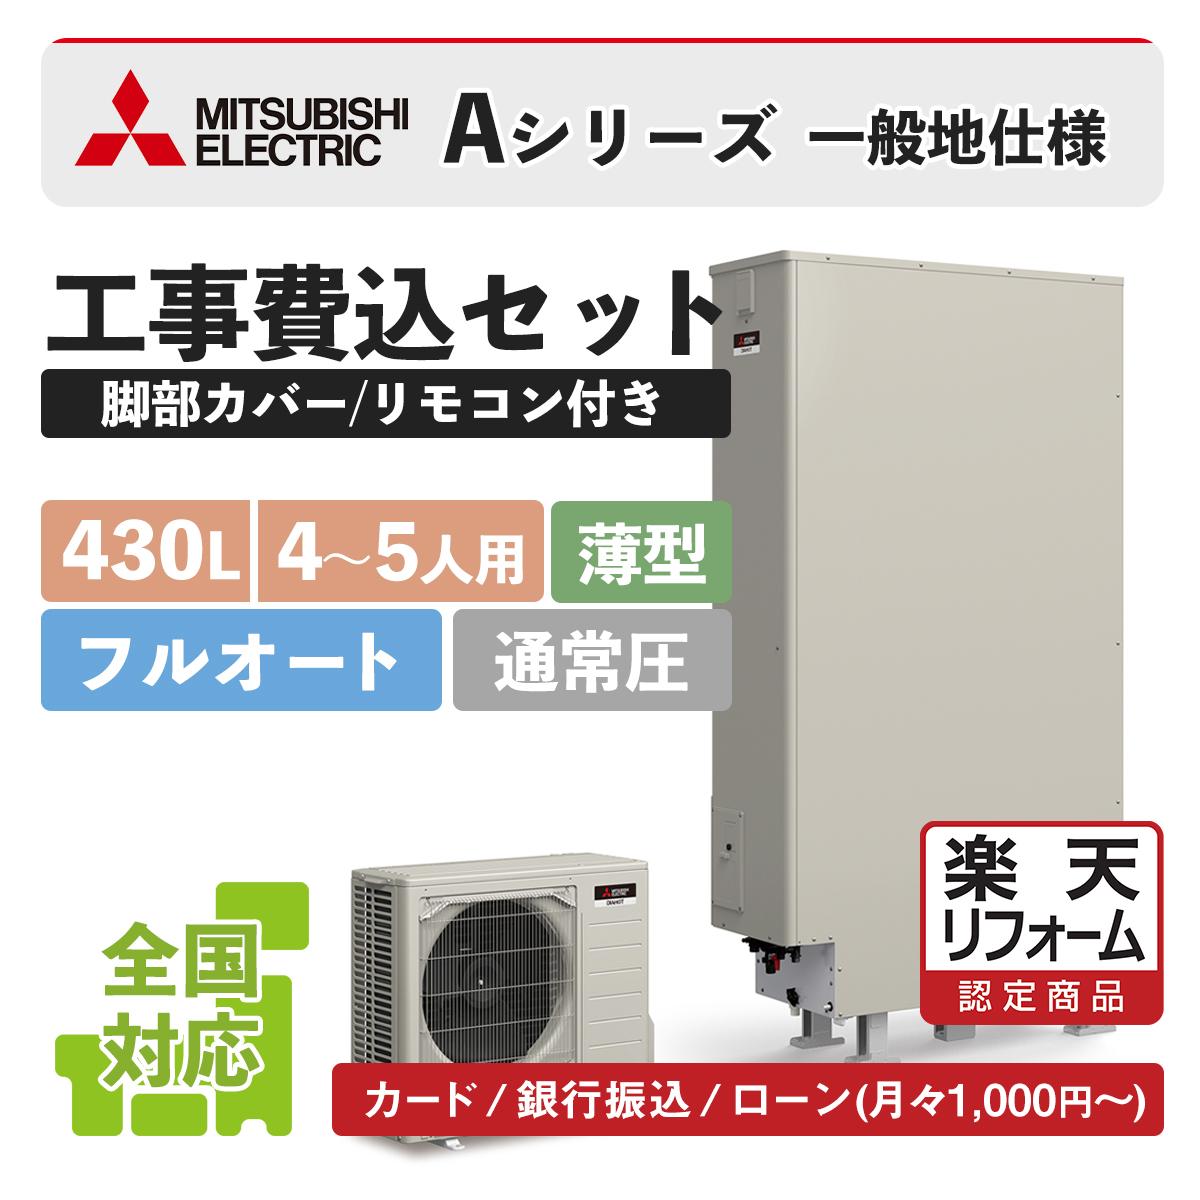 【リフォーム認定商品】SRT-W434Z|三菱Aシリーズ フルオート 薄型 430L|エコキュート工事費込み!全国対応!リモコンセット,給湯器,フルオート